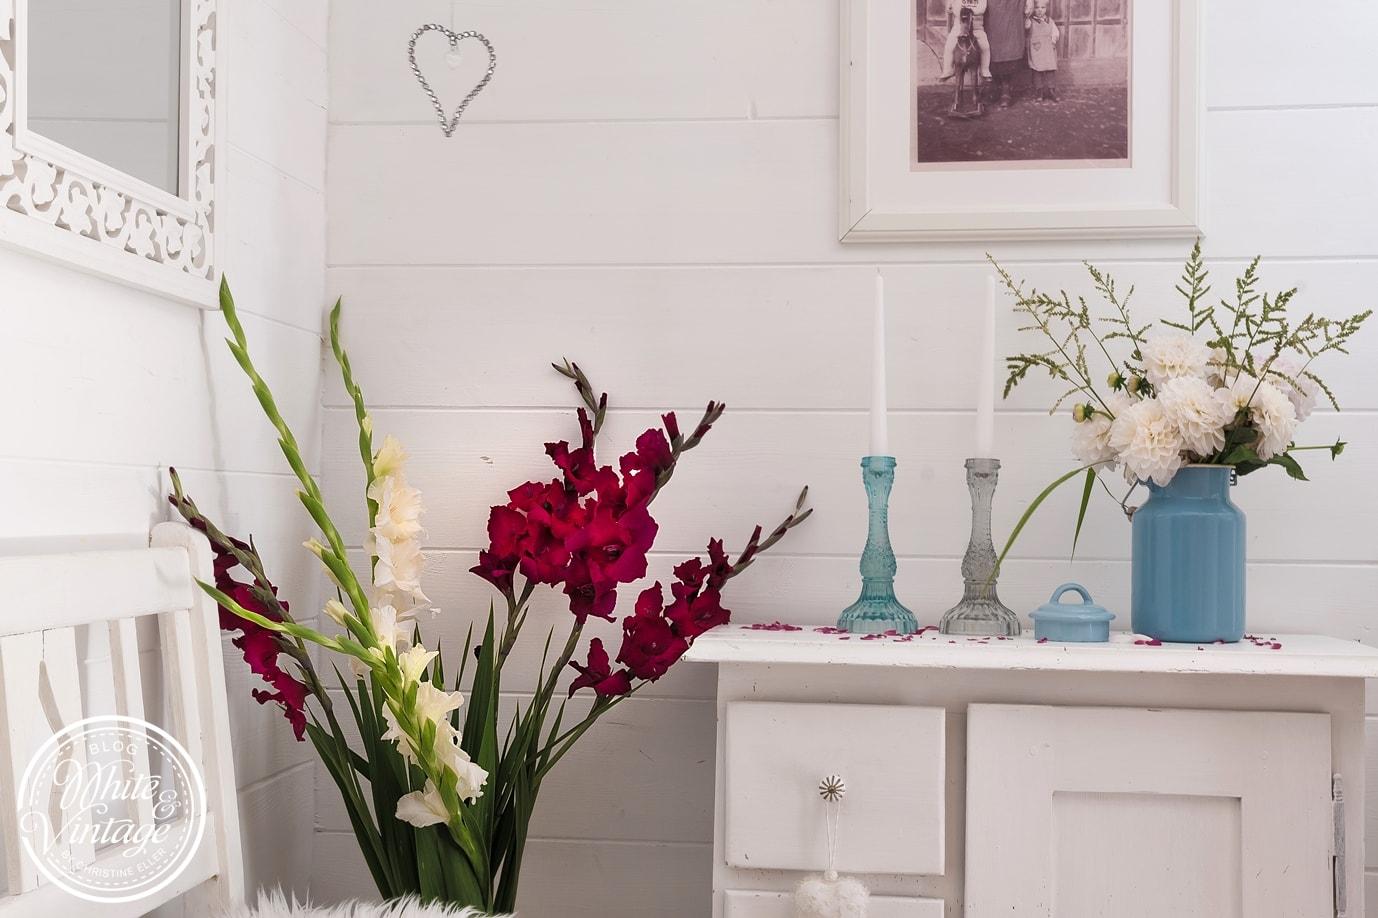 Blumendeko selber machen: Gladiolen in der Vase